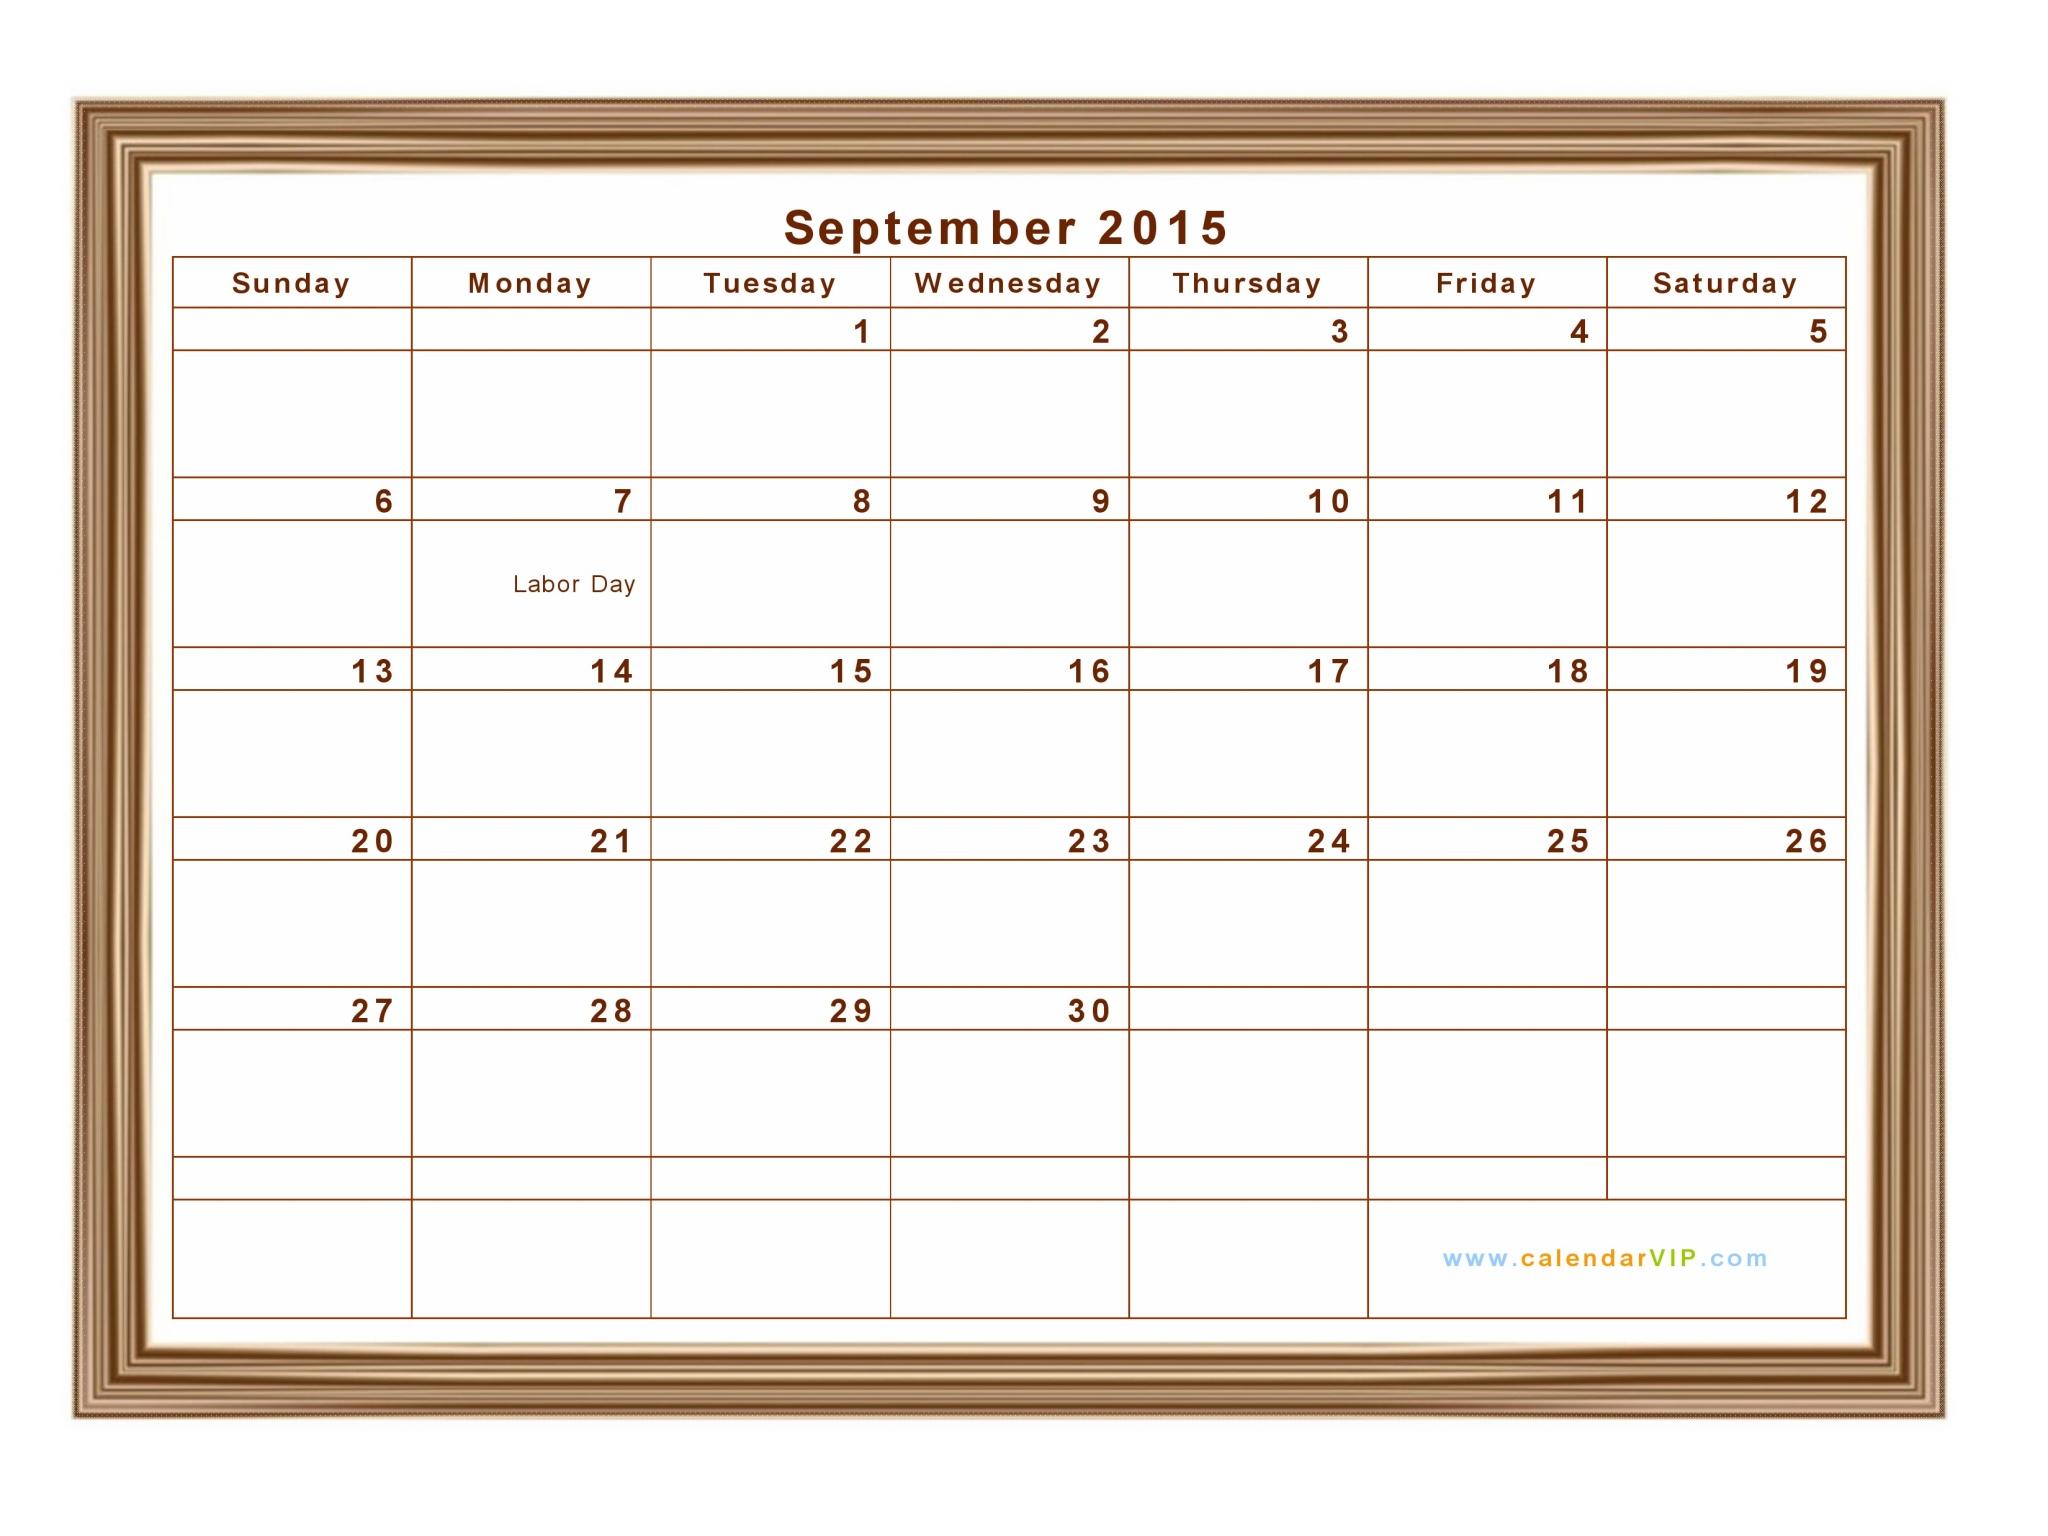 calendar template september 2015